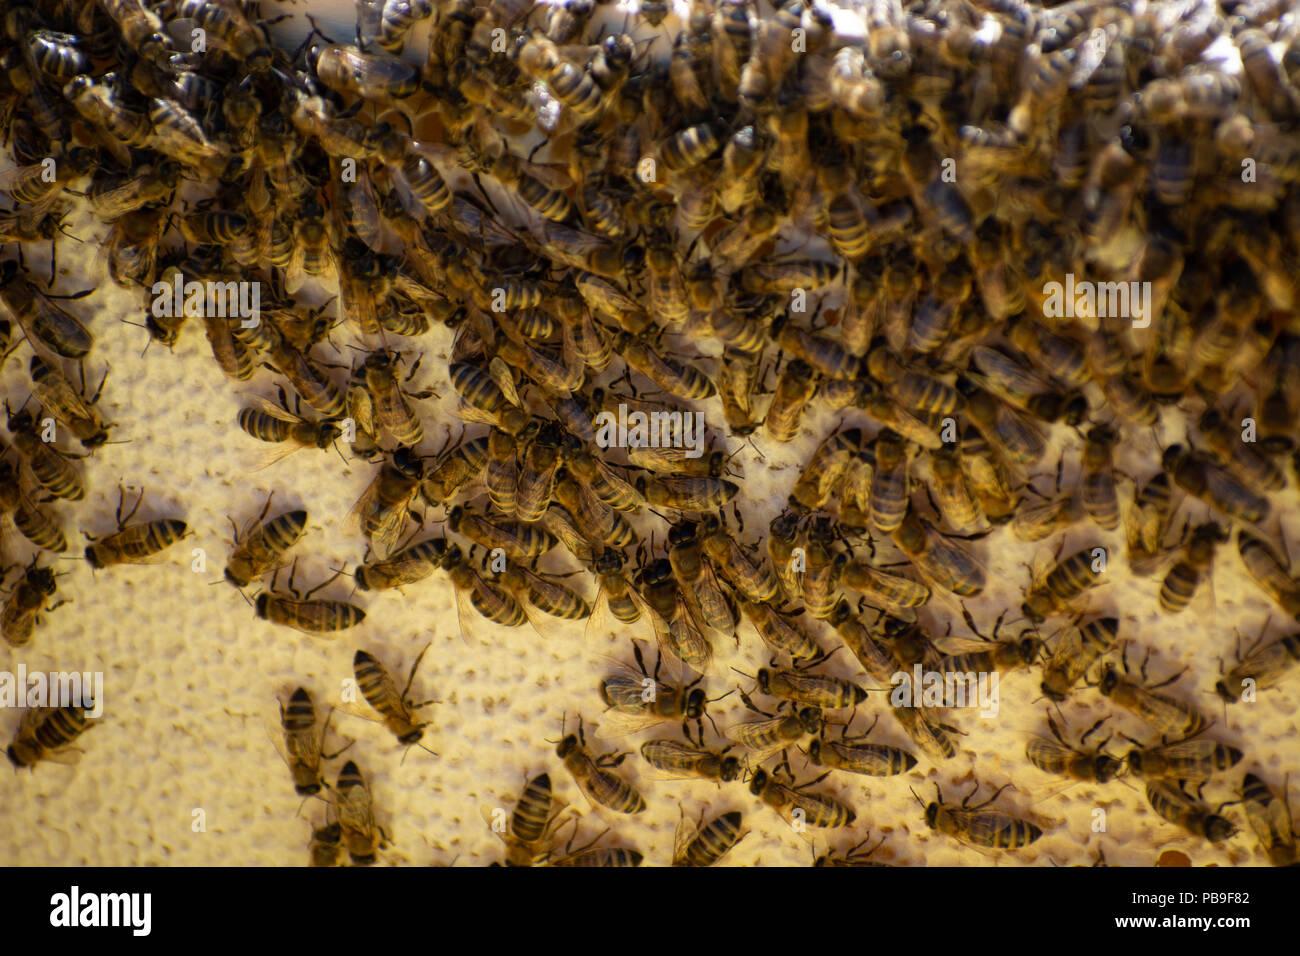 Fotogramas de un enjambre de abejas. Recolección de miel apicultor. El apicultor inspección de colmenas de abejas Imagen De Stock